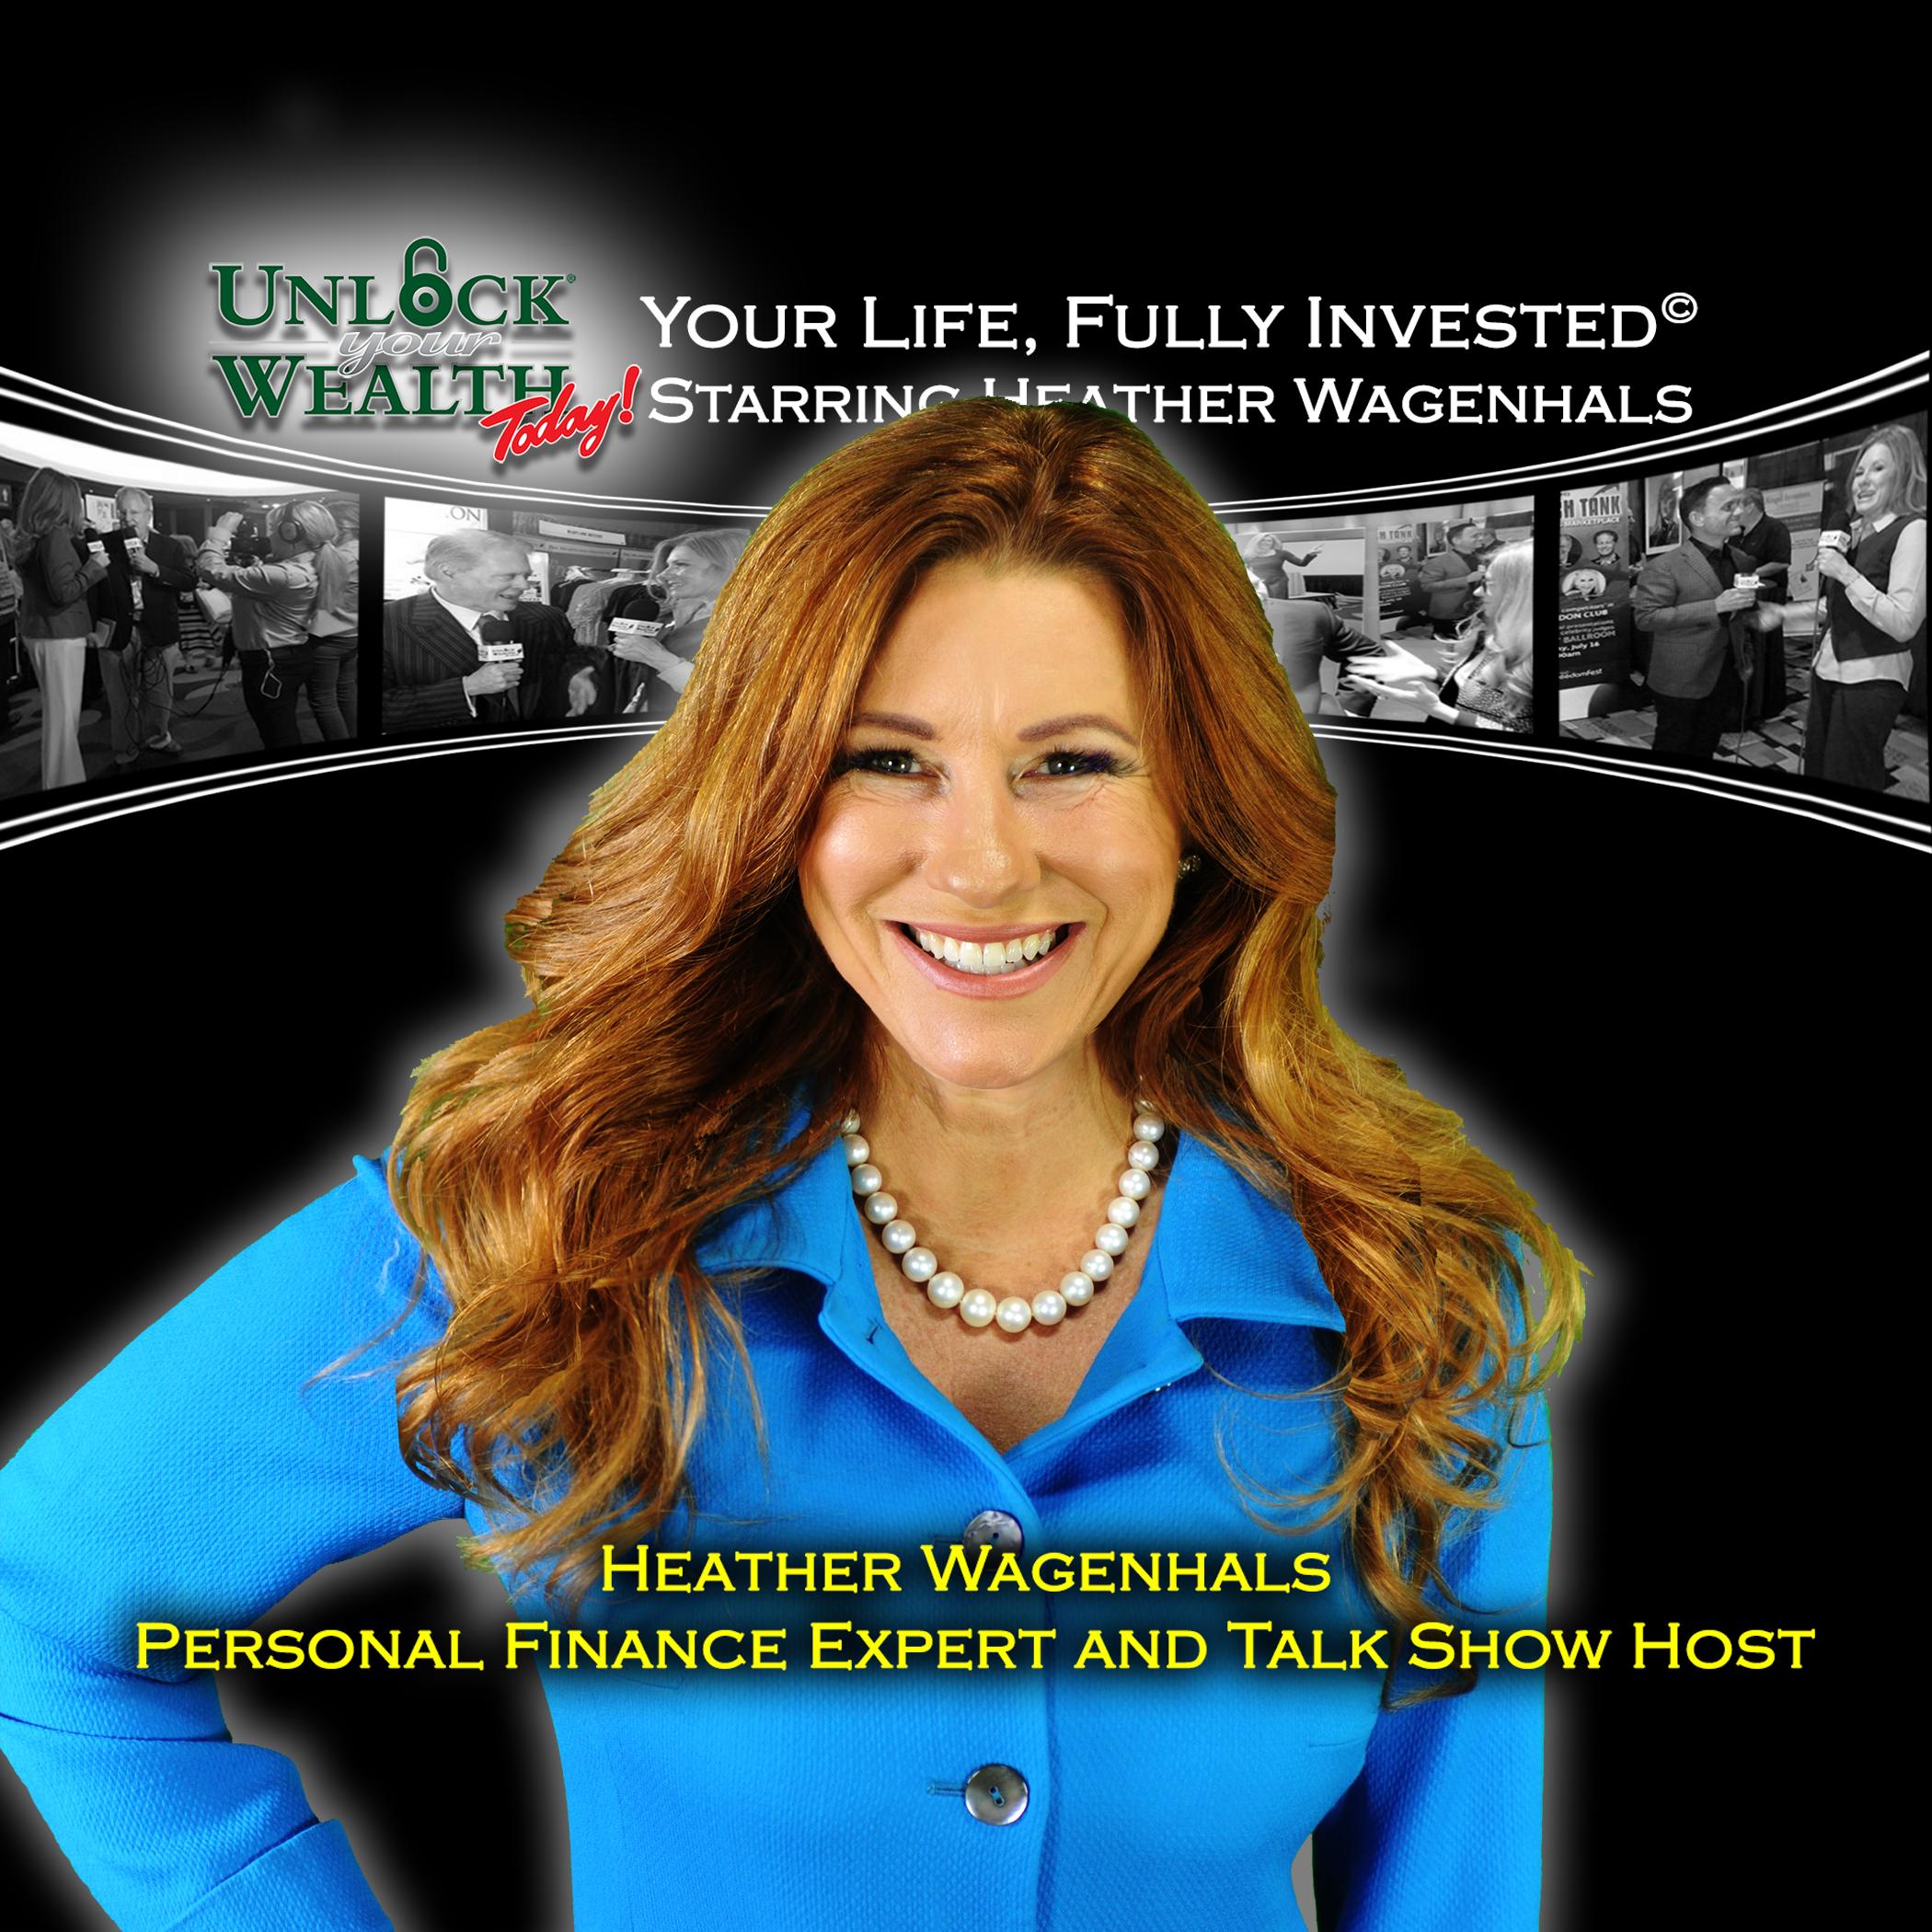 Artwork for WNJC Interviews Heather Wagenhals on the Latest Stolen Tax Refund Scam